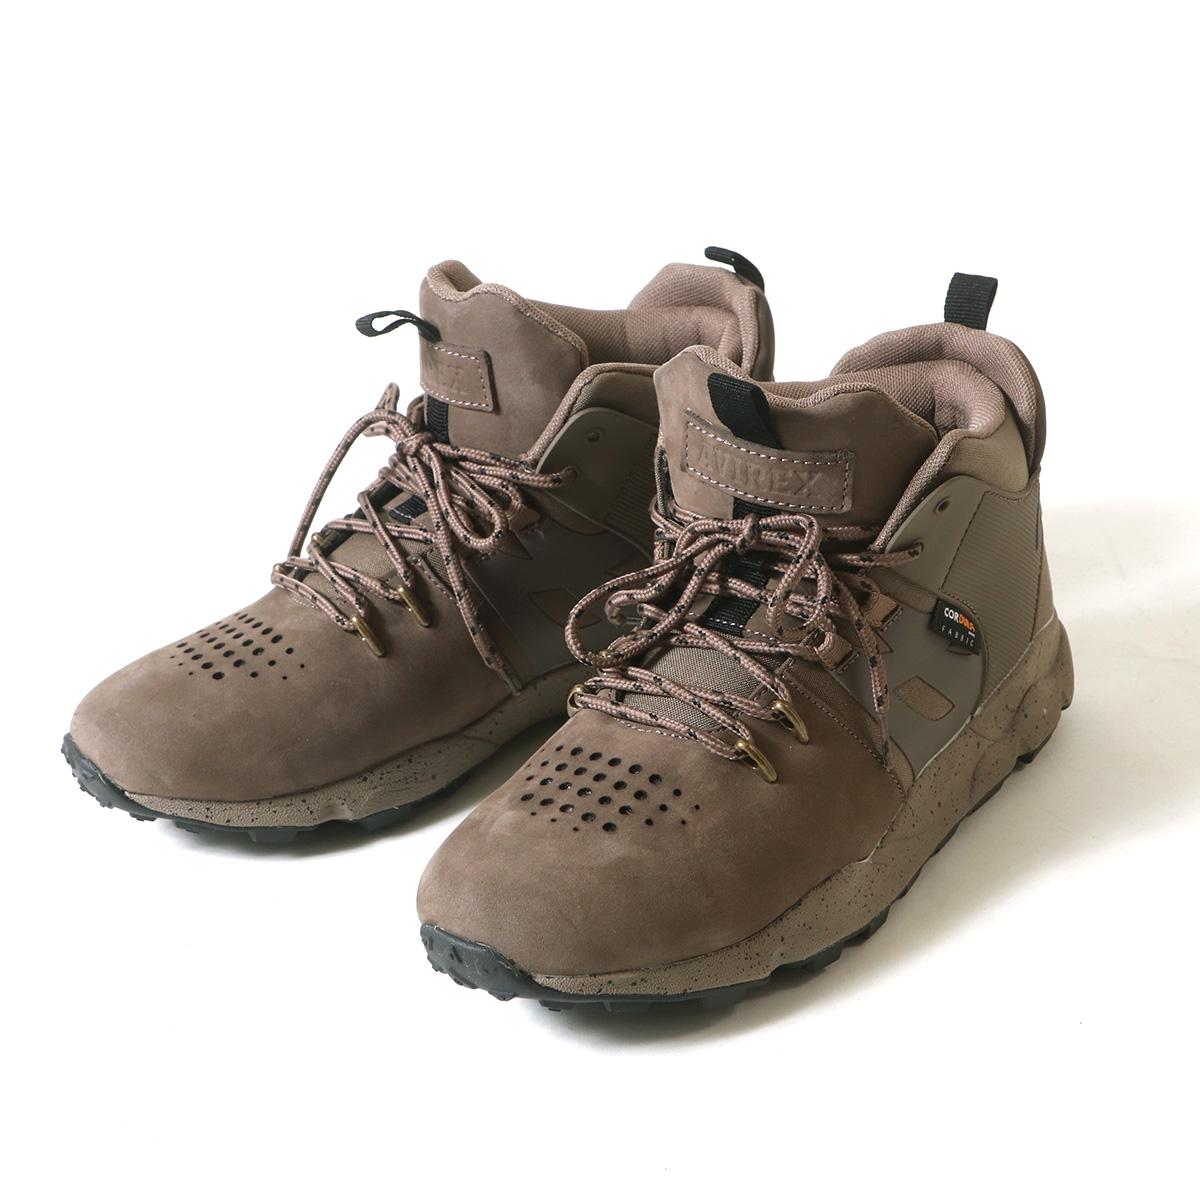 AVIREX アヴィレックス AV2270 アルティメット ミリタリースタイルスニーカー 靴 メンズ 送料無料